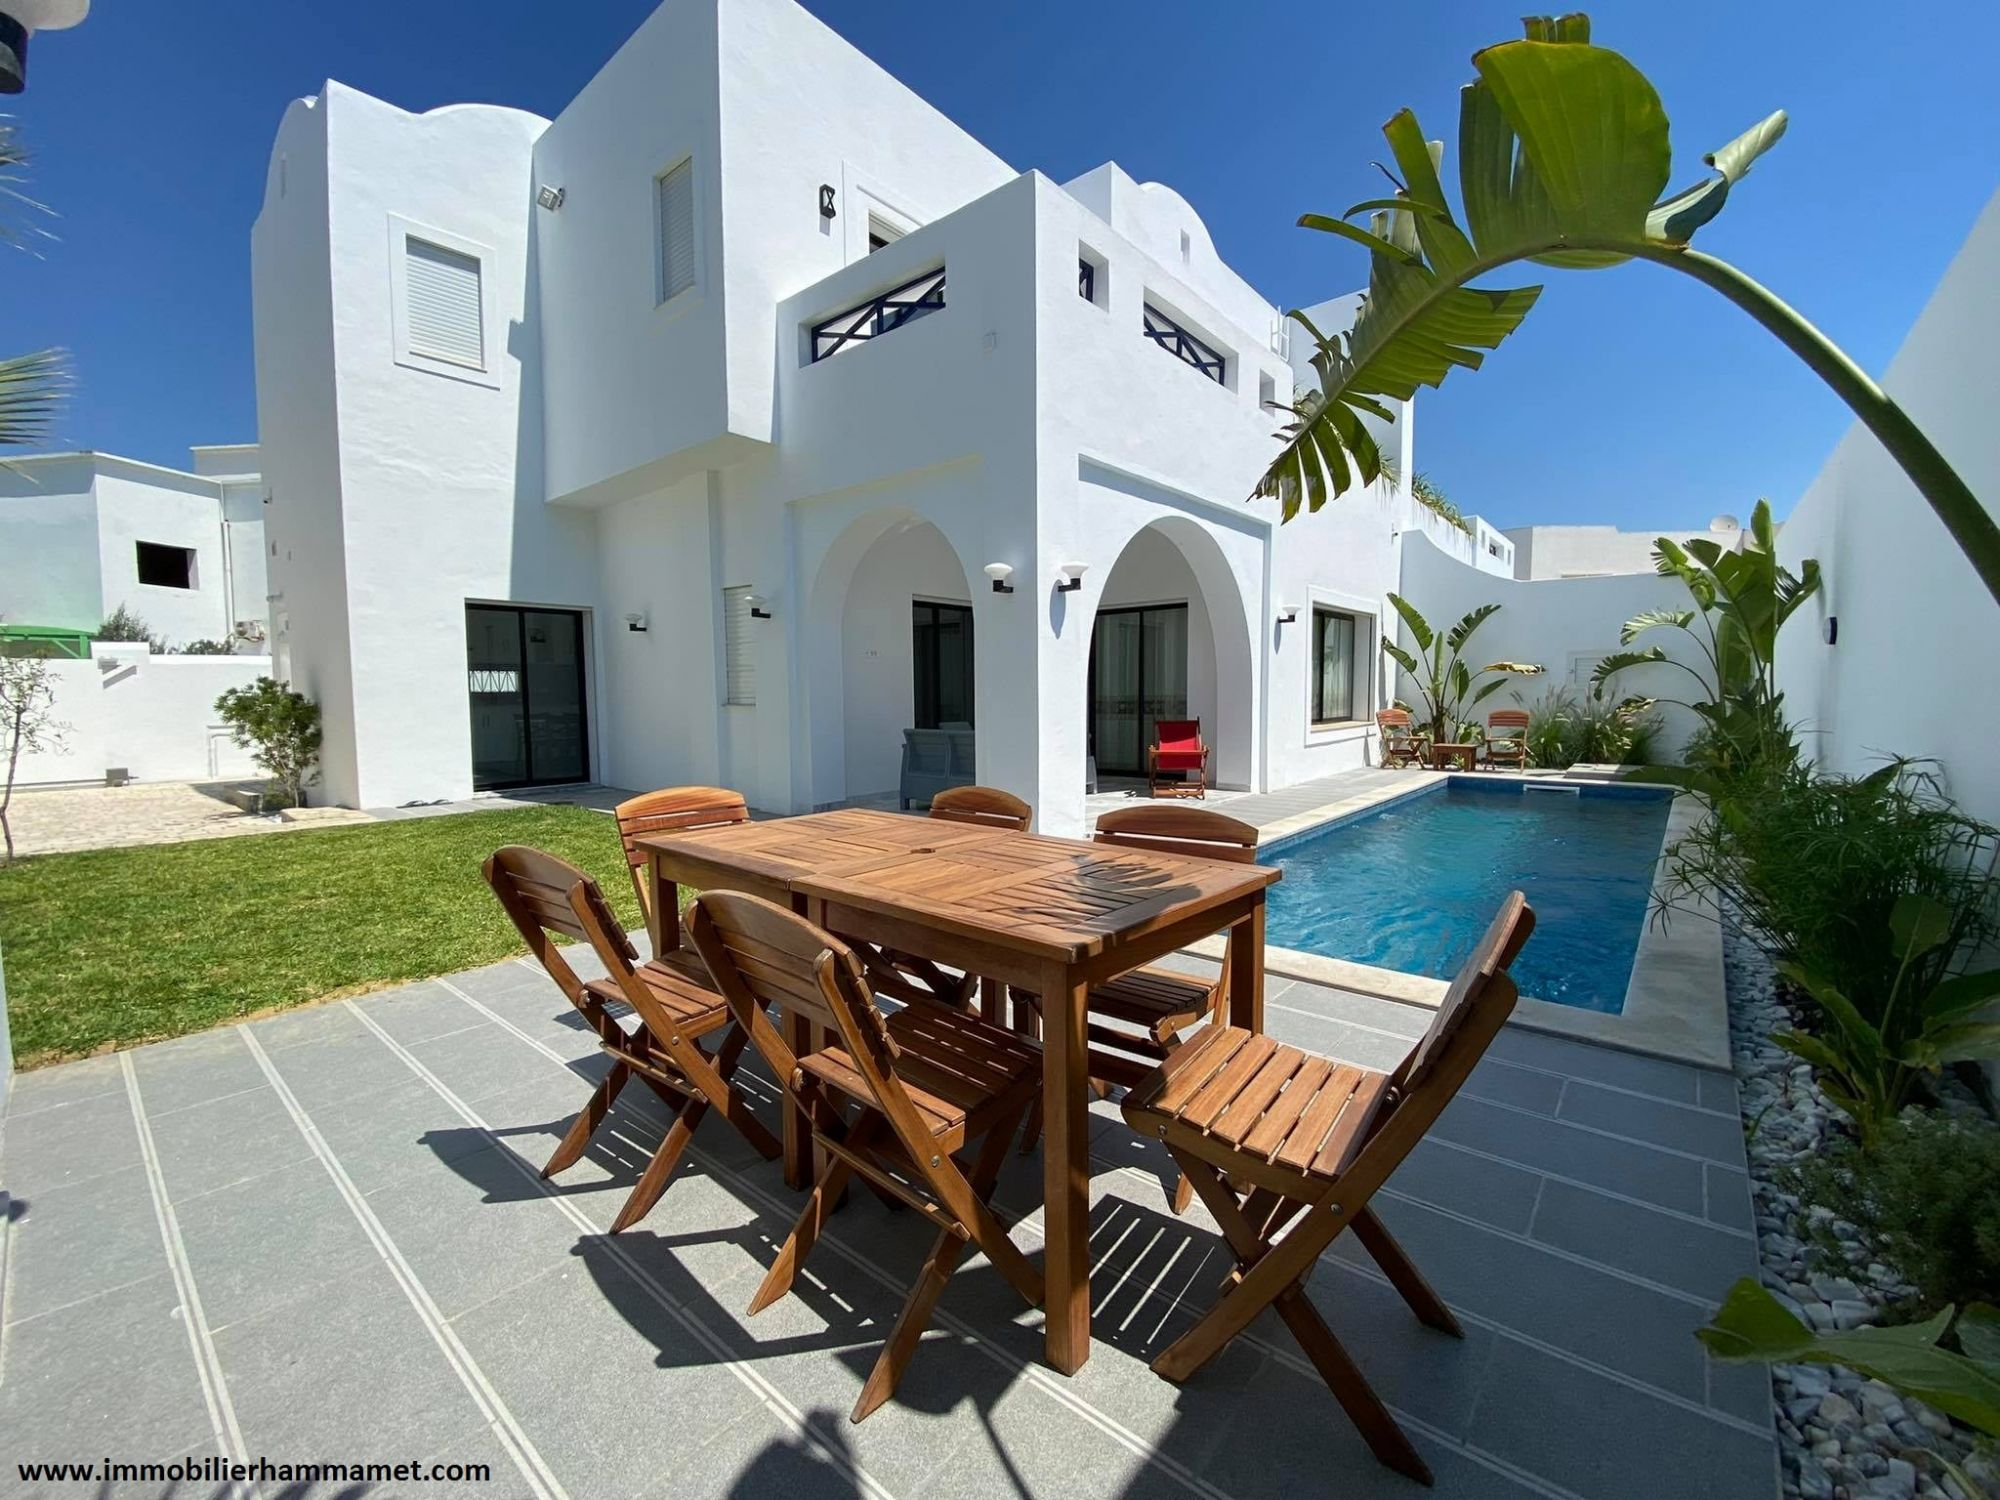 Location villa dar el bakht à yasmine hammamet